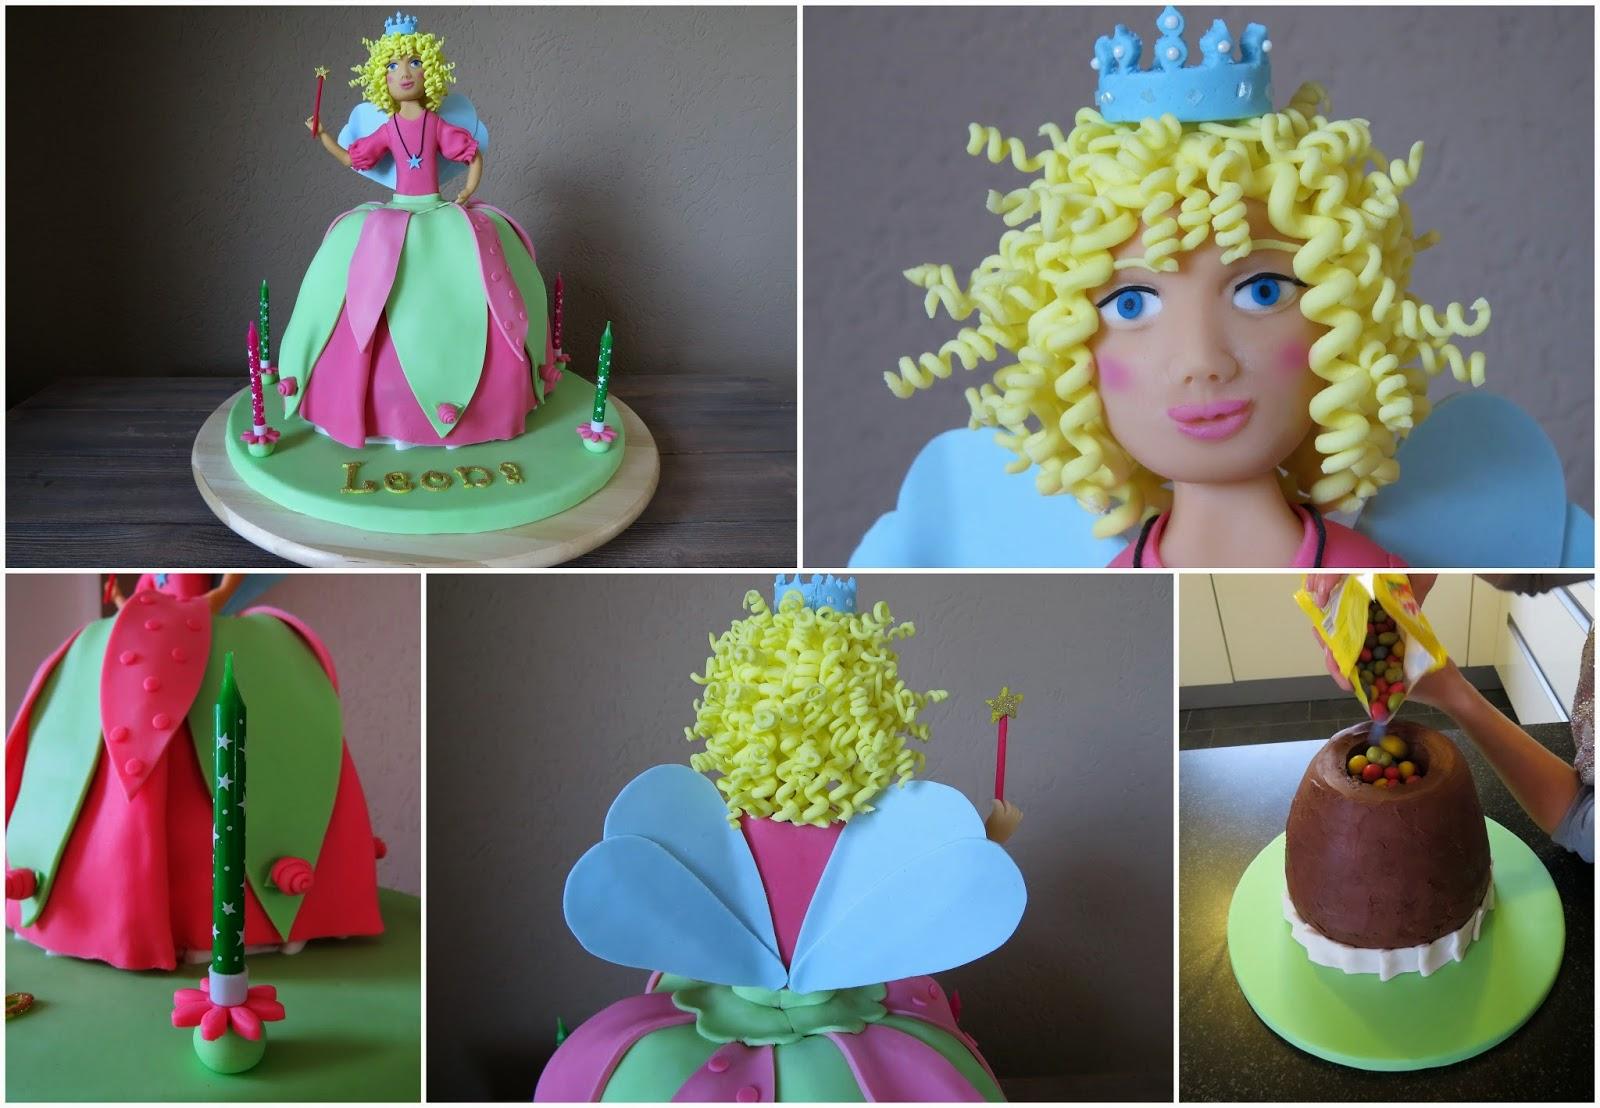 Lillifee Cake